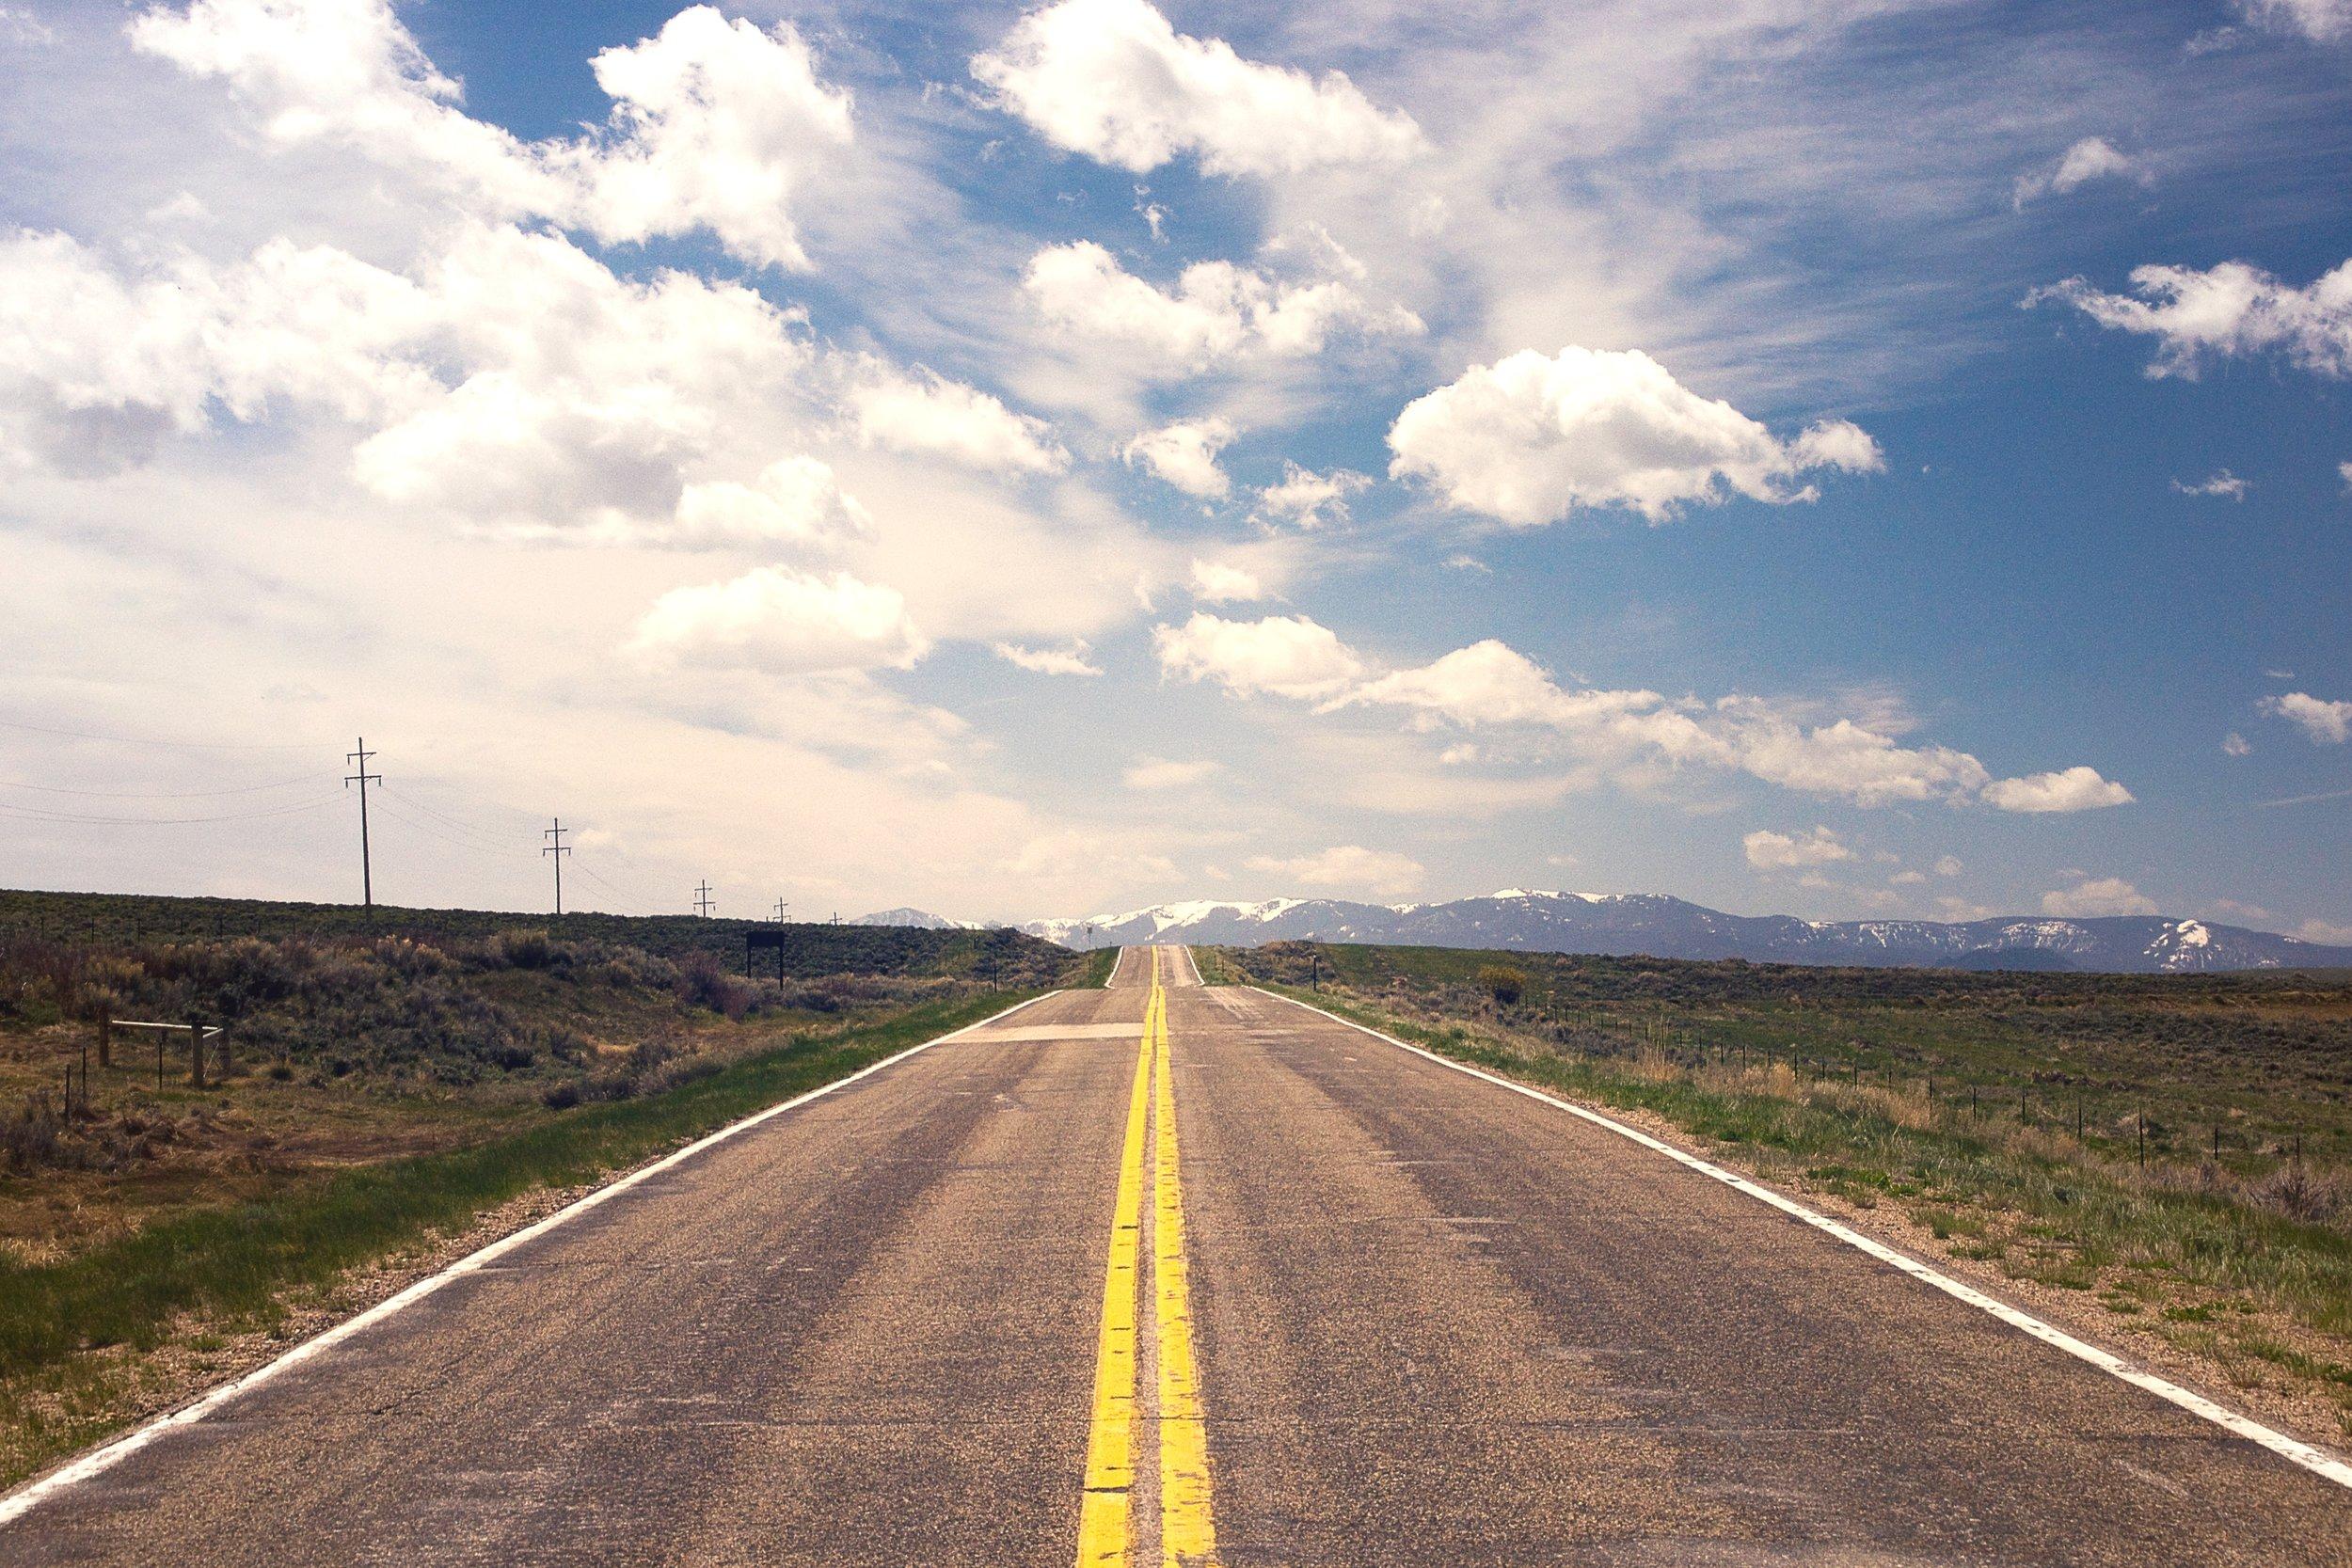 asphalt-aspiration-clouds-215.jpg